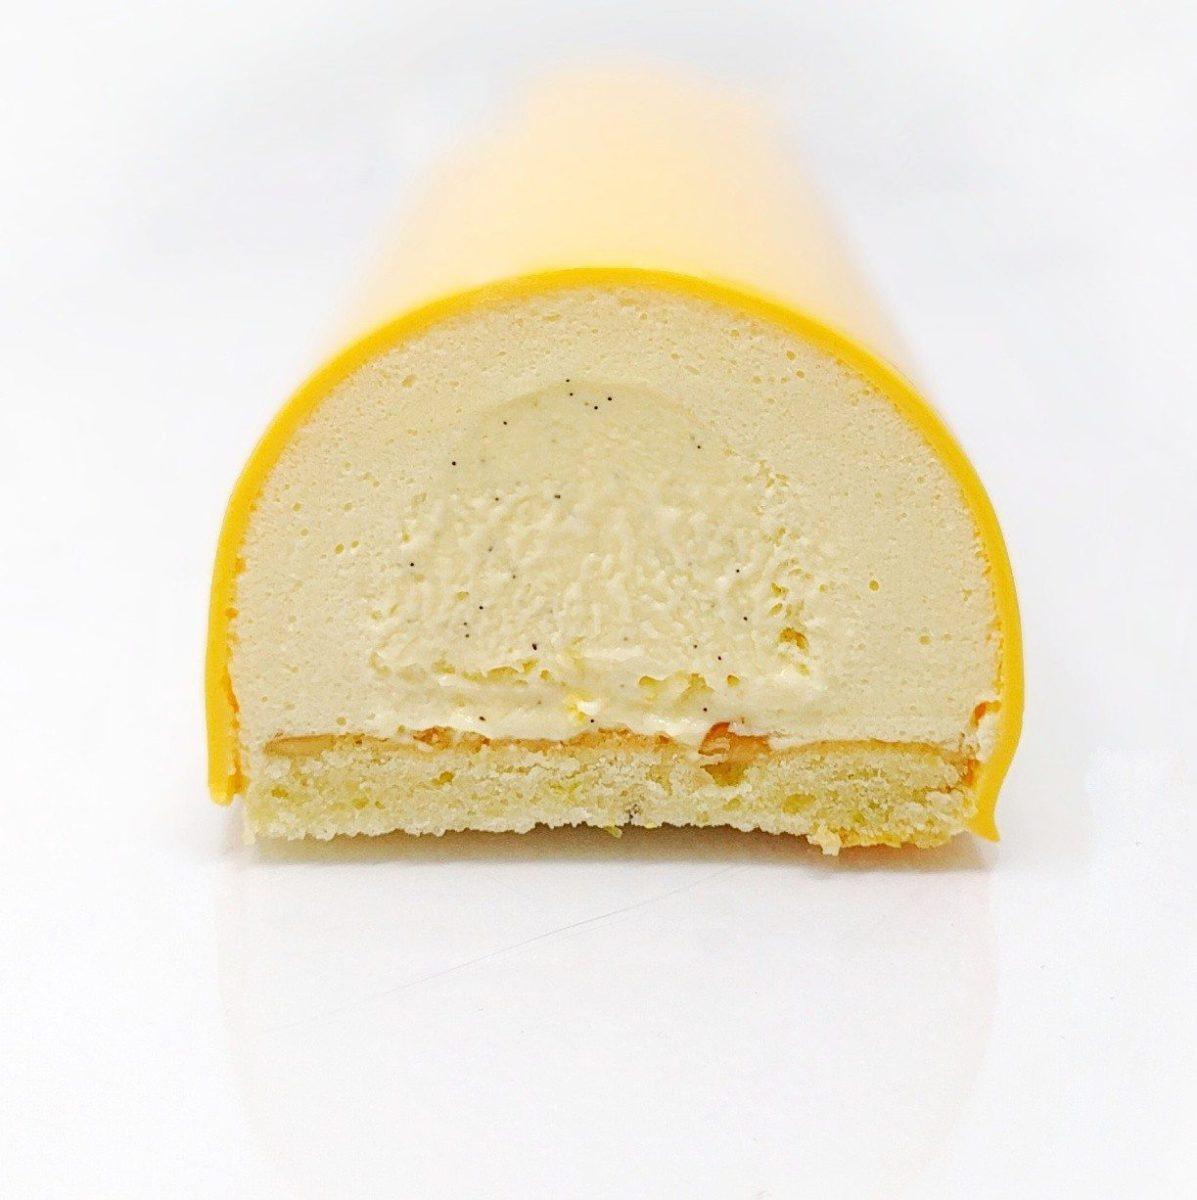 Bûche fruits exotiques avec son insert crémeux à la vanille